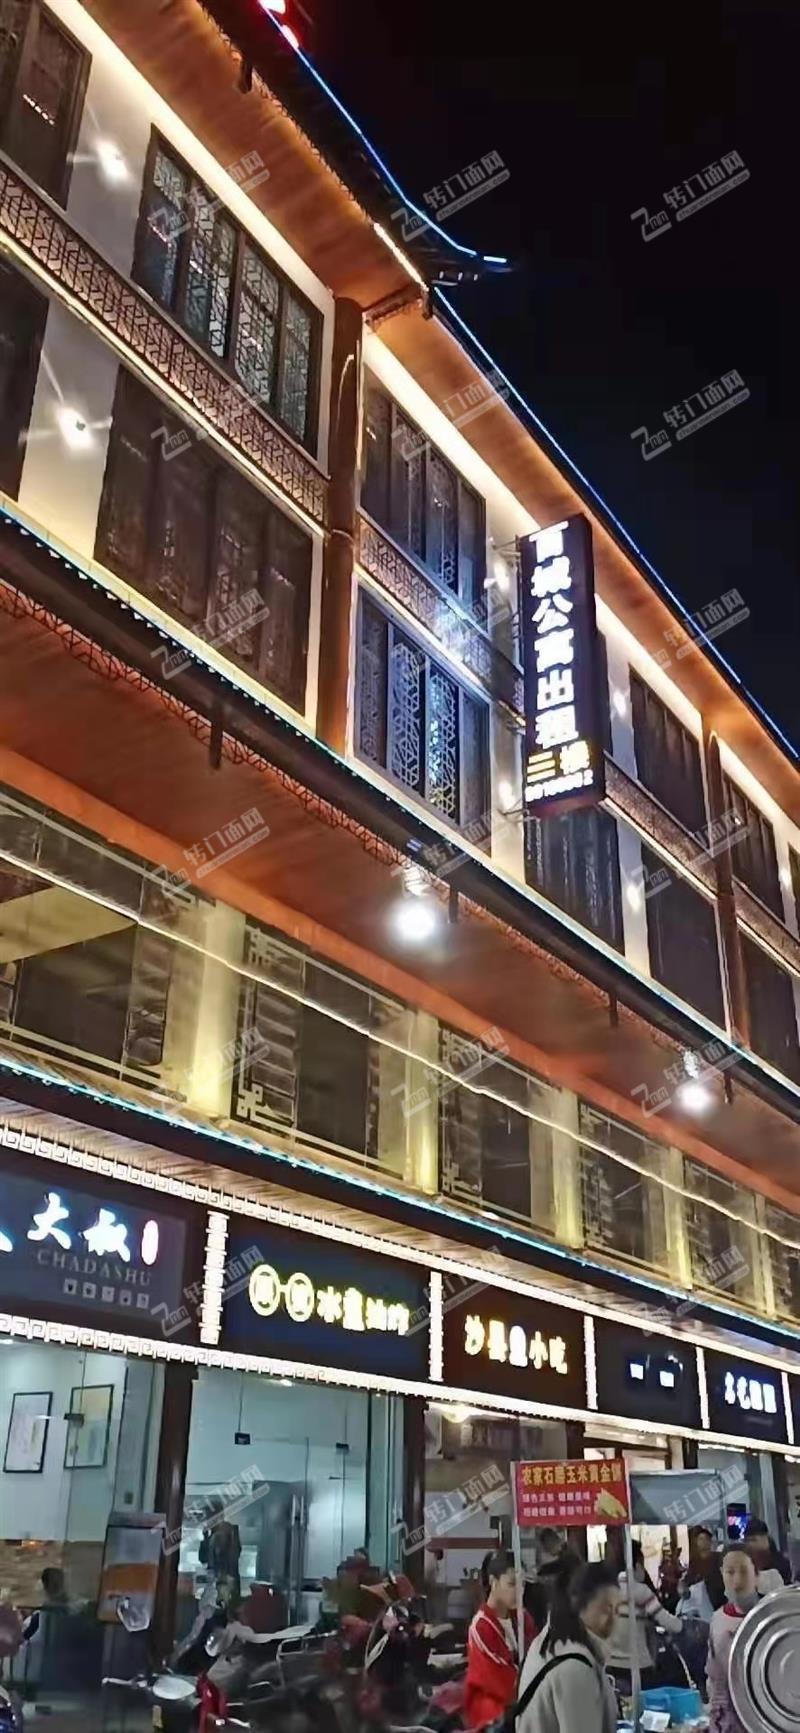 青山湖区义坊路1899号华兴针织厂旁1800平米店面转让